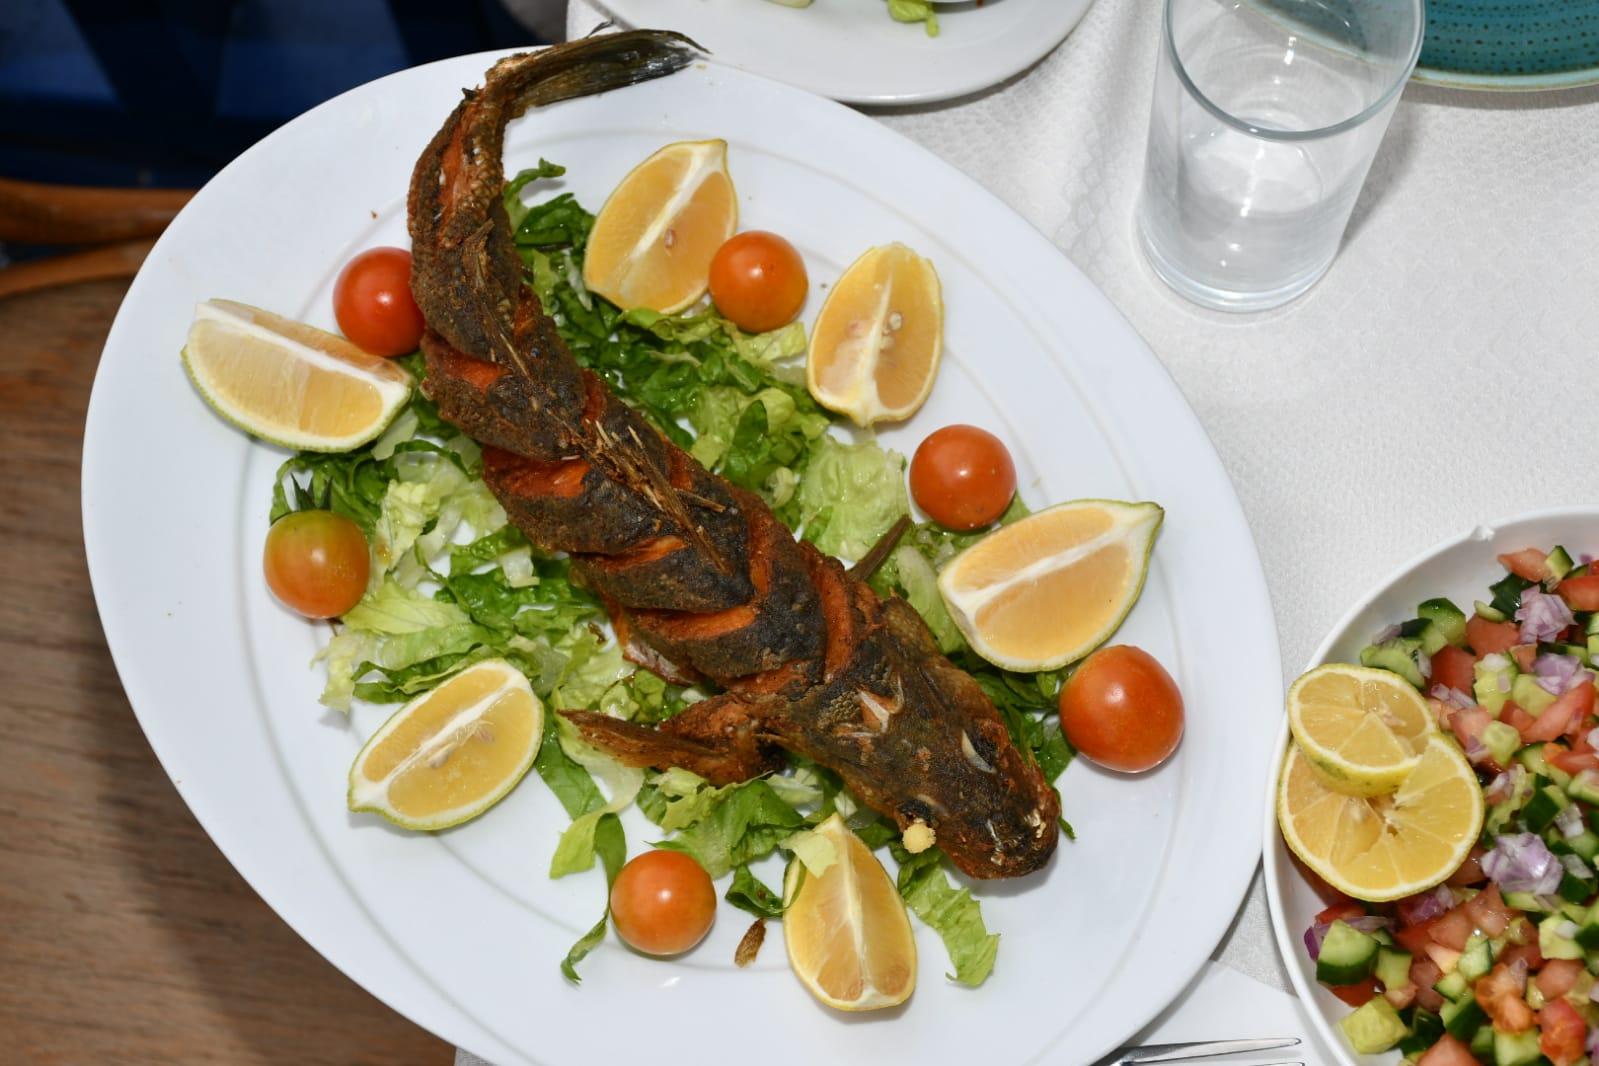 مطعم أبراج - أشهى وأفضل الوجبات البحرية الطازجة والمقبلات بانتظاركم اليوم وكل أيام الأسبوع